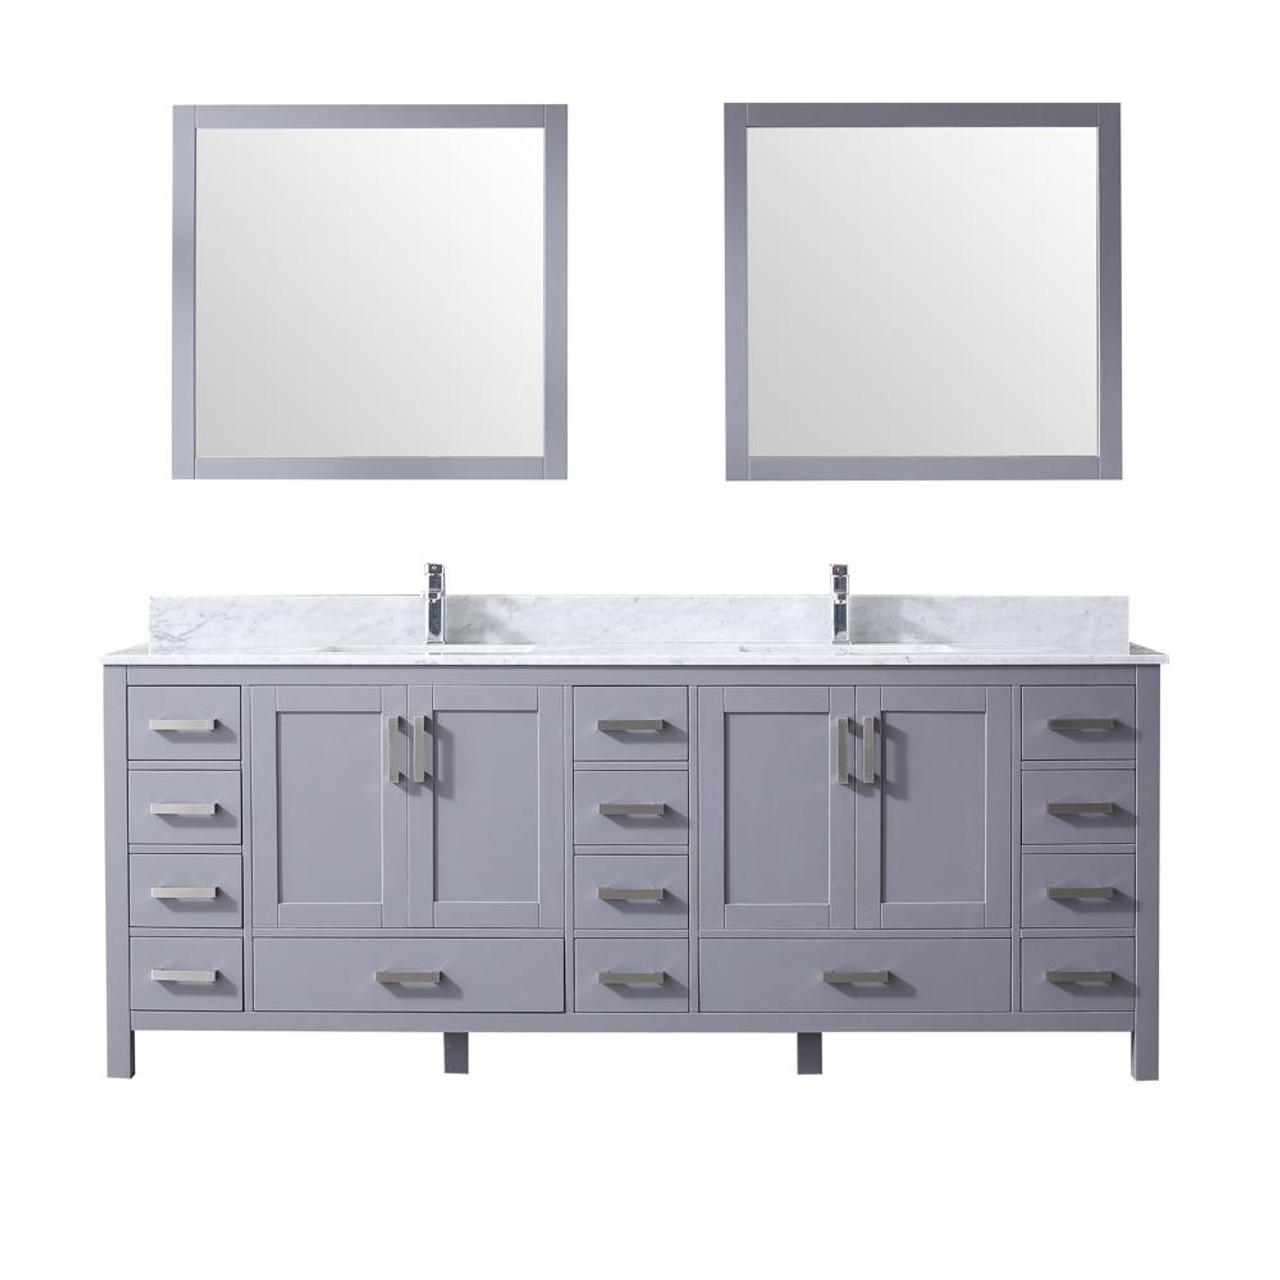 key west 84 double bath vanity in grey w quartz top white ceramic sinks